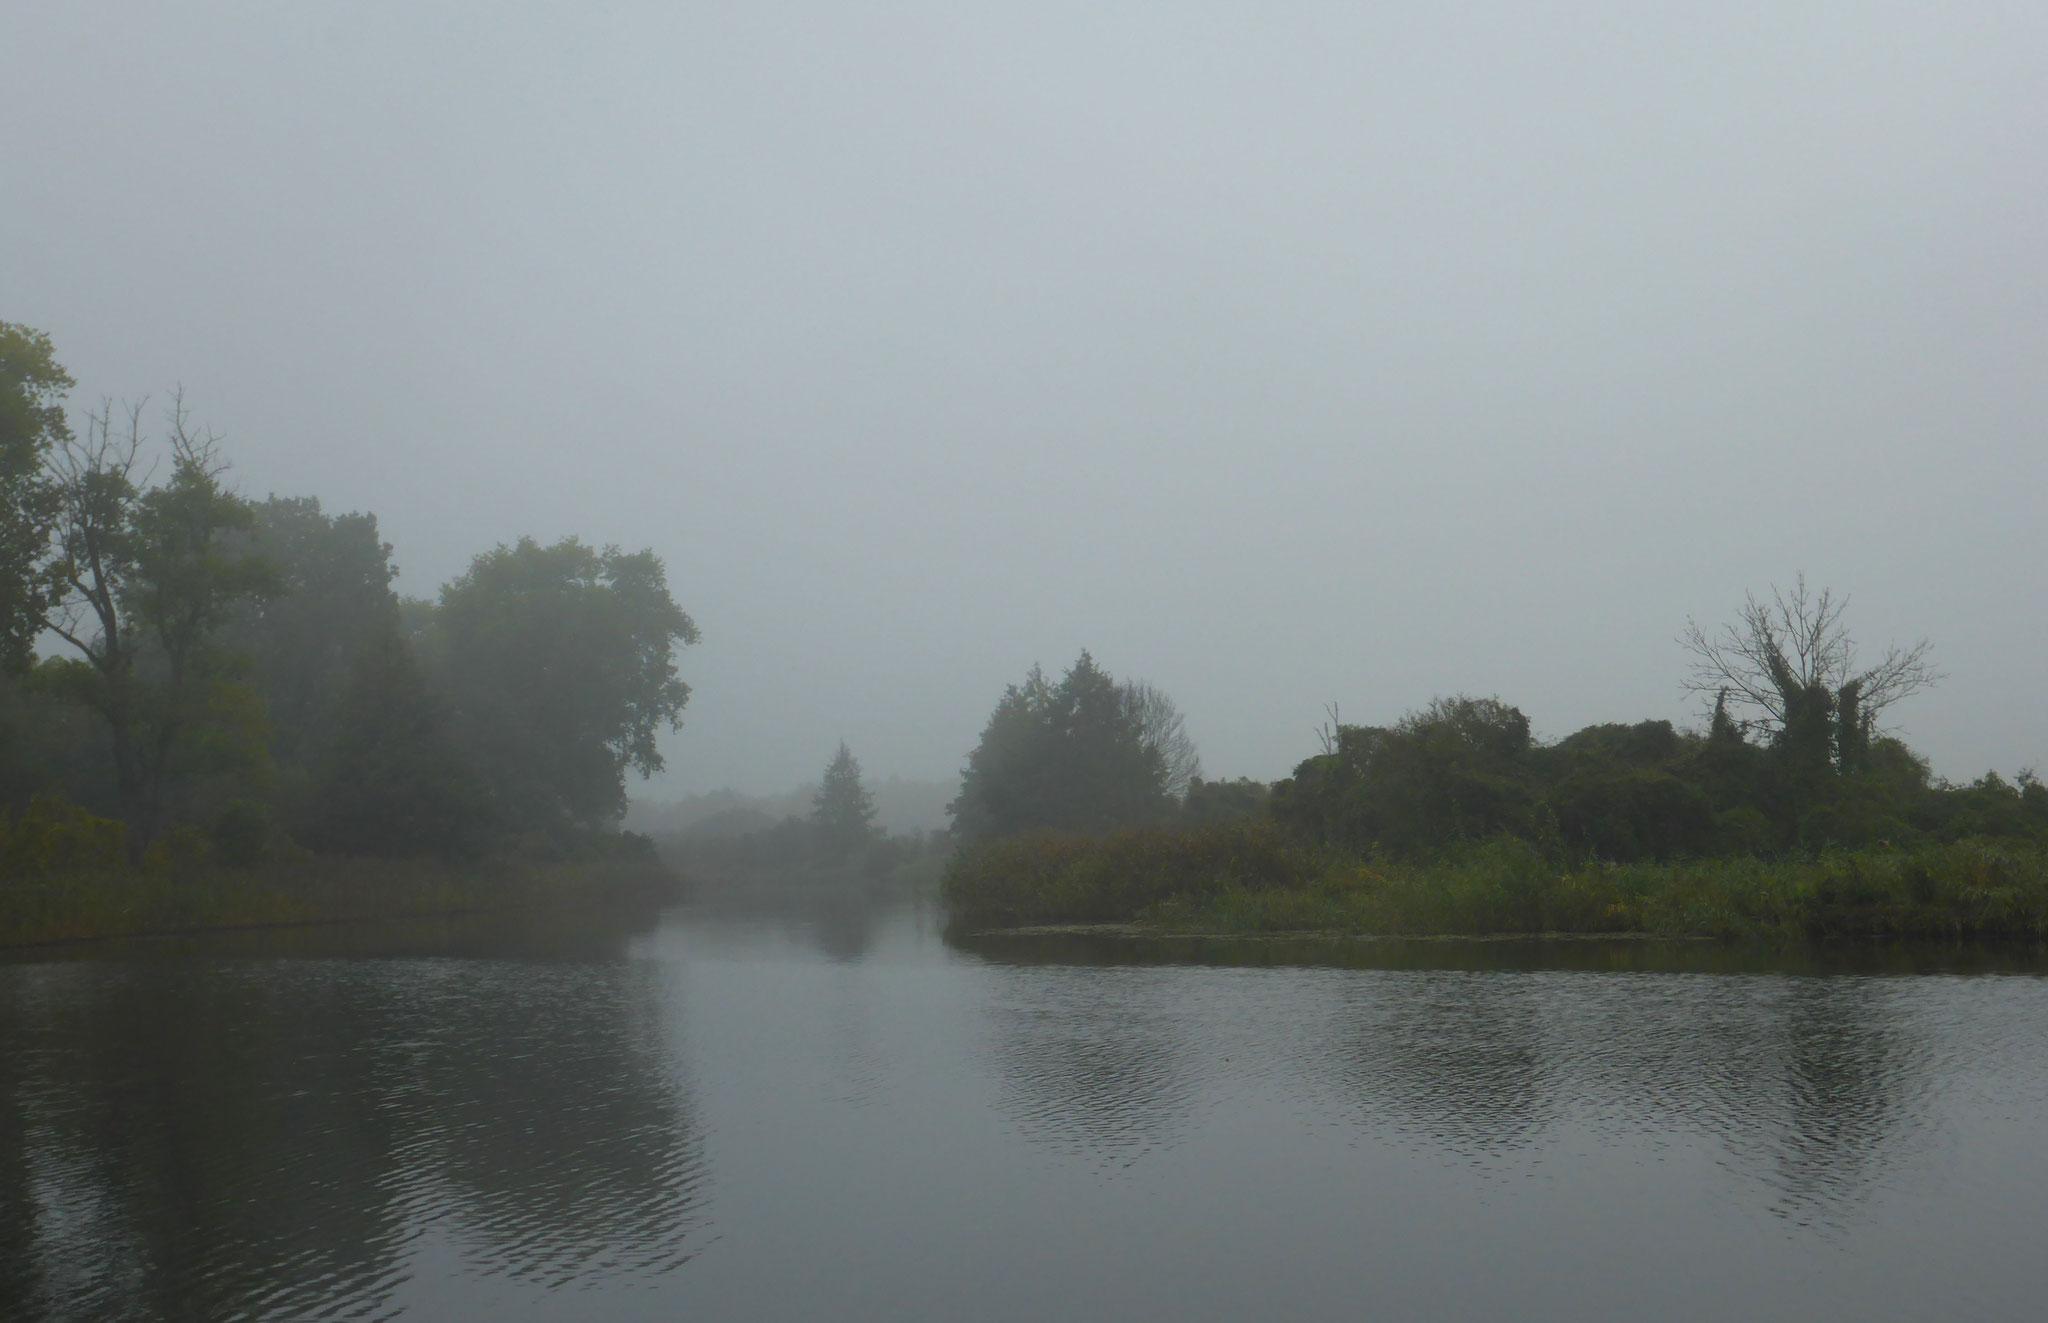 Alles in Nebel gehüllt.